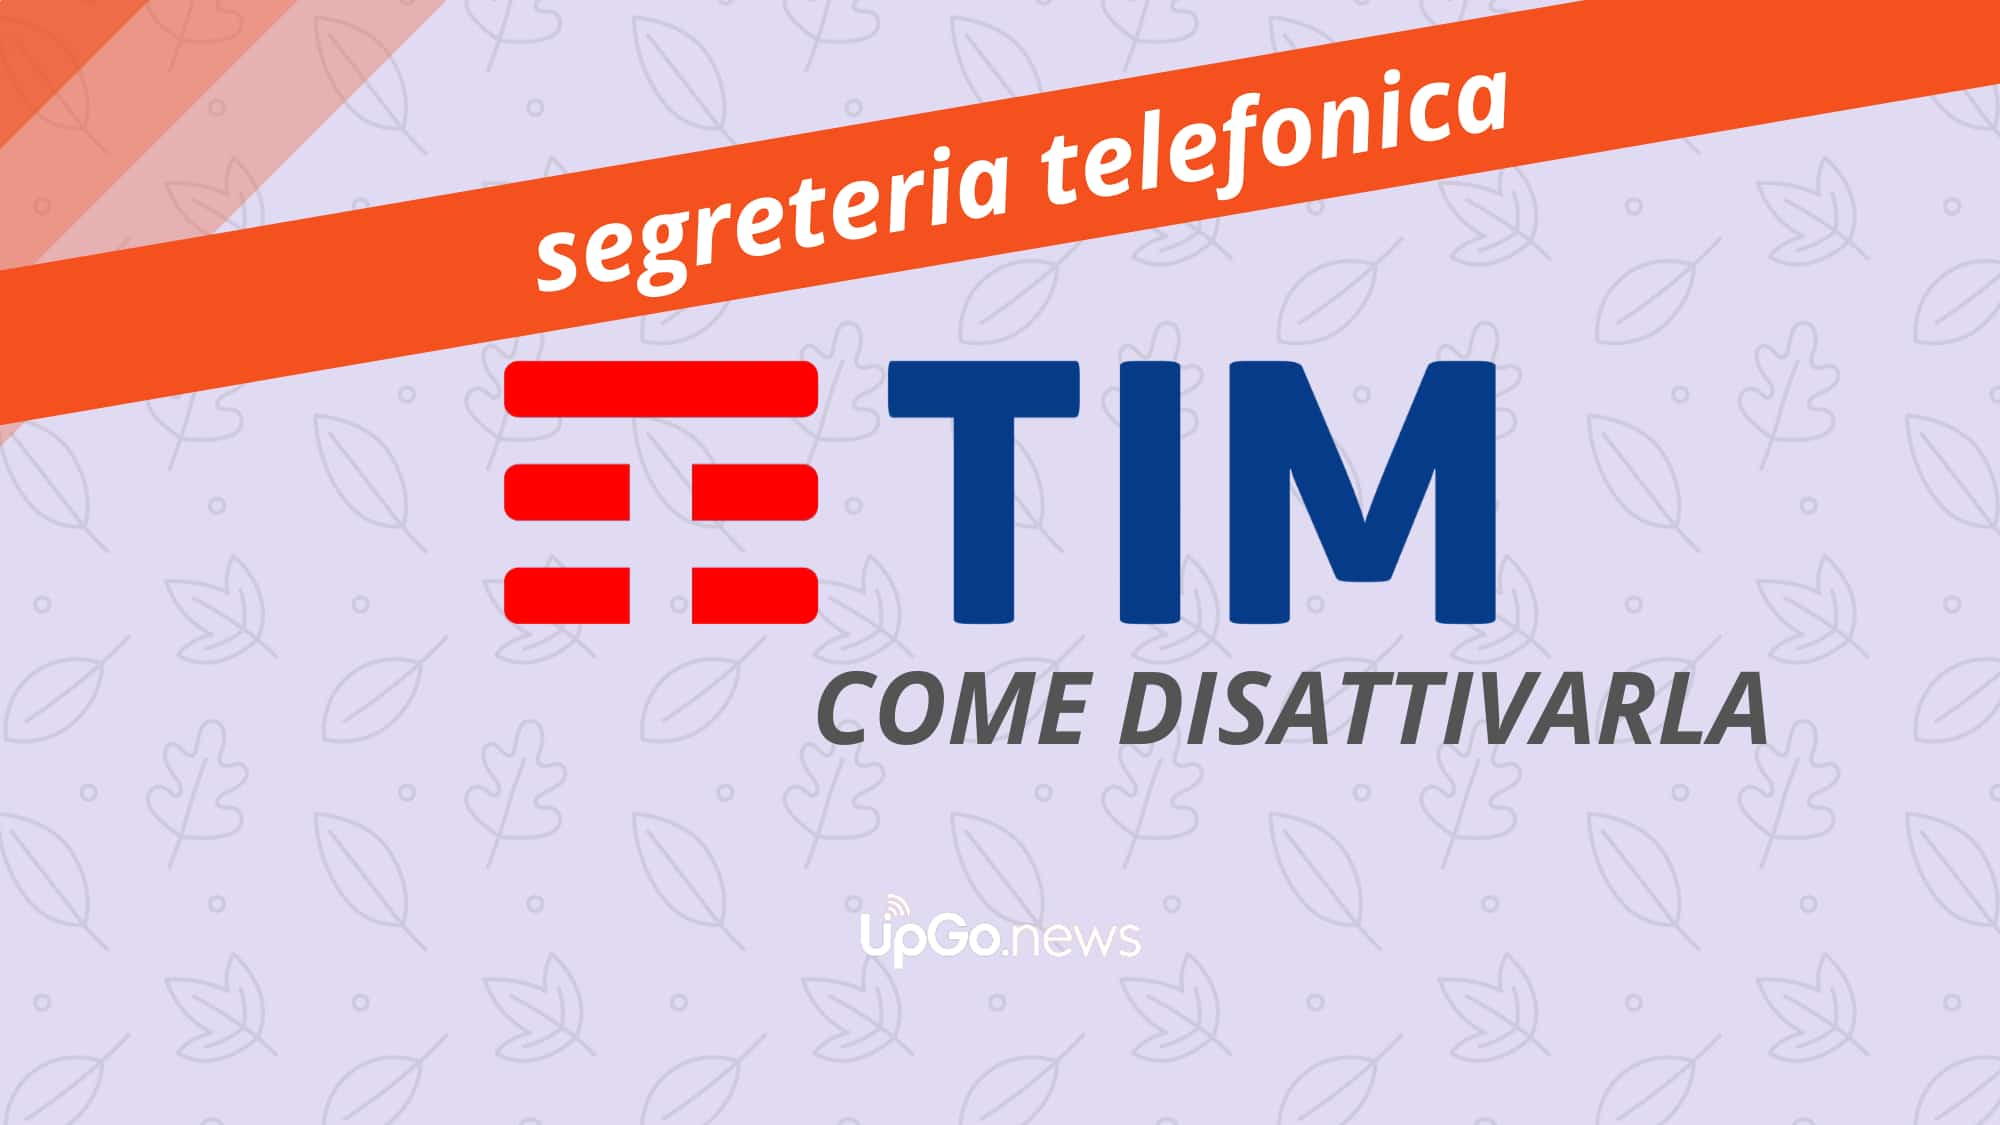 Come disattivare segreteria TIM